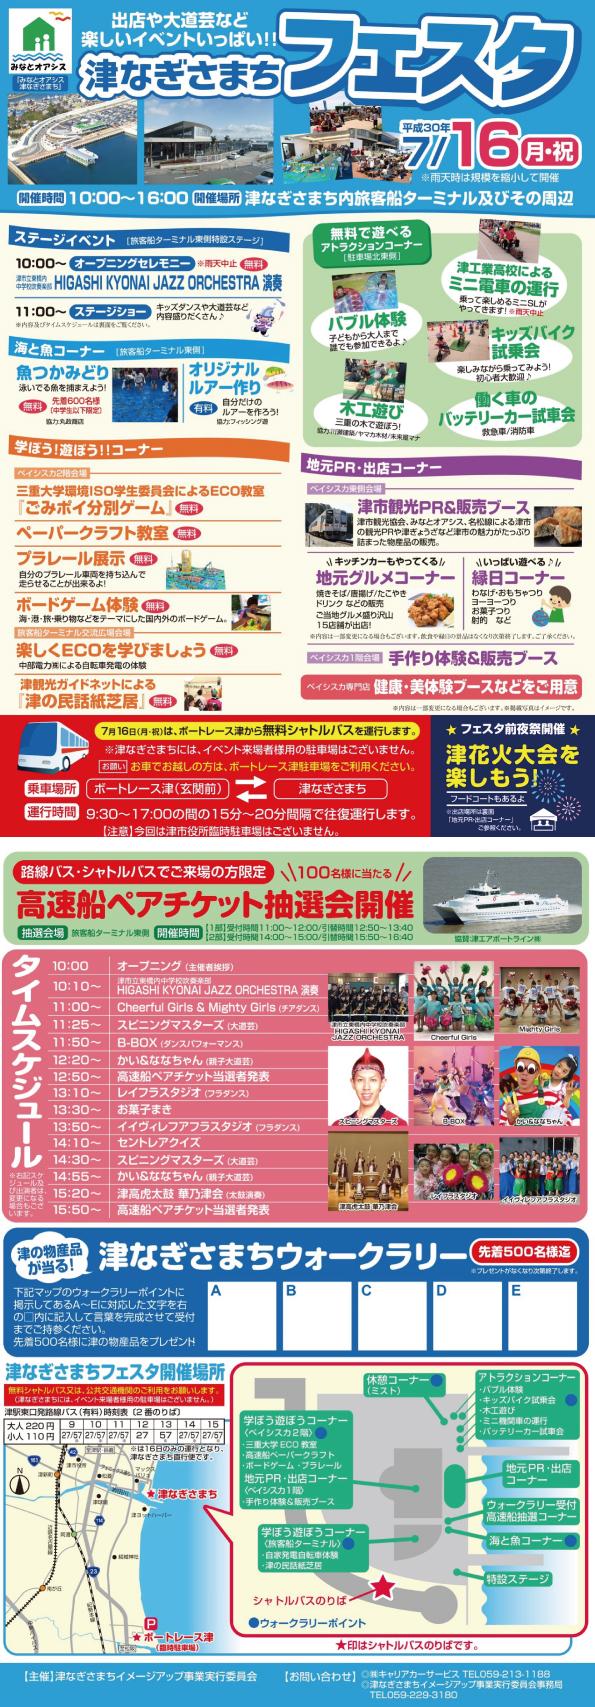 津なぎさまちフェスタ 2018~楽しいイベントいっぱい